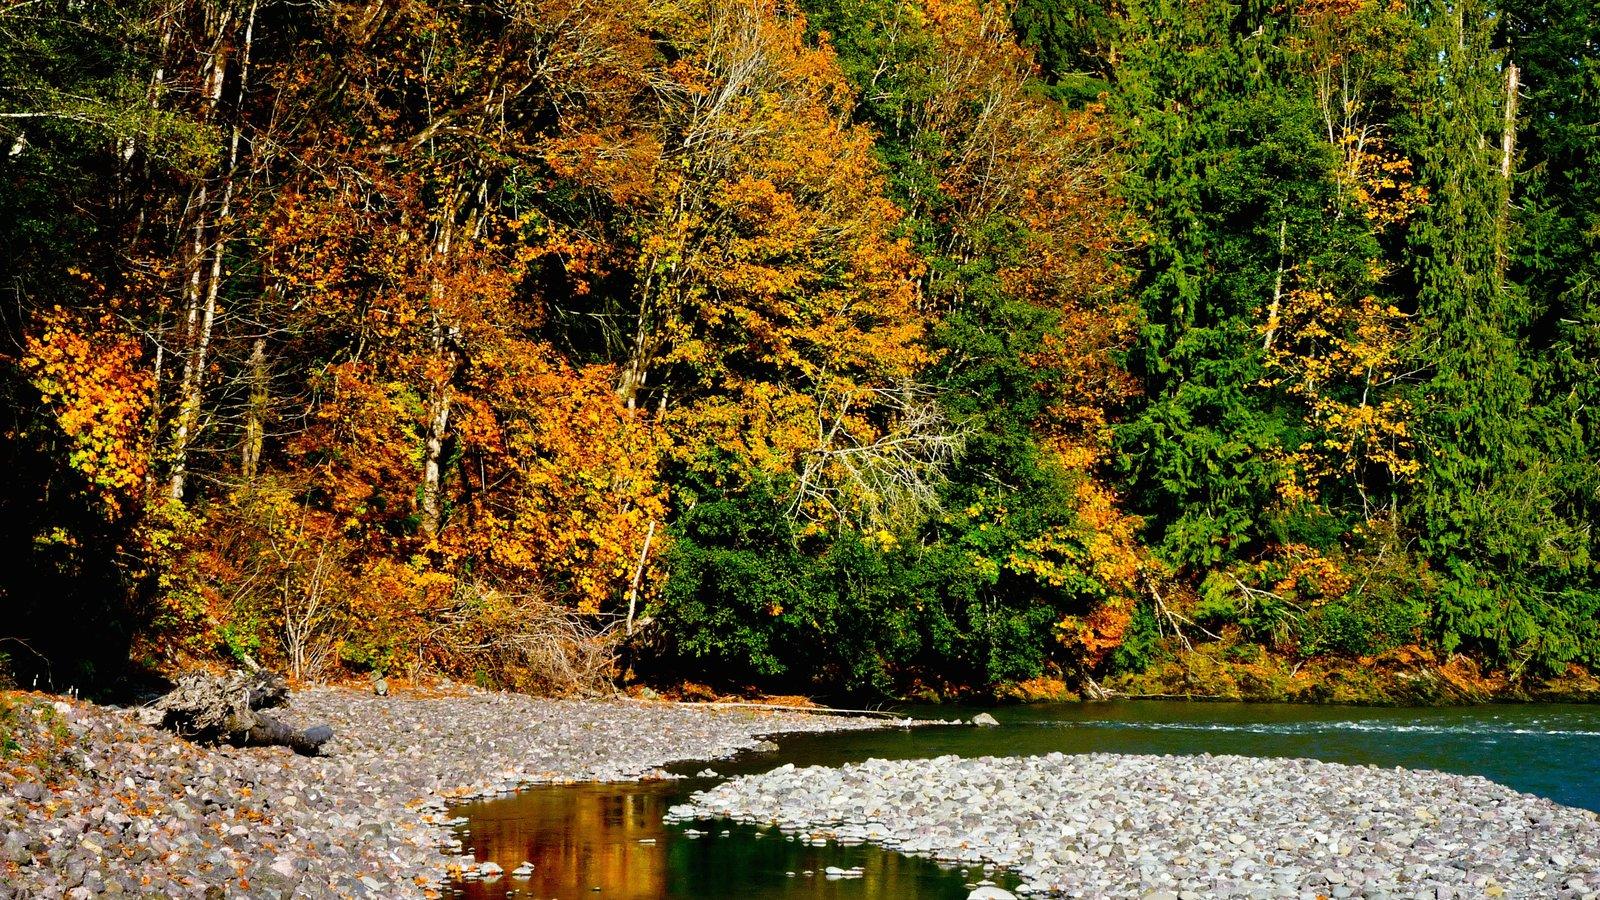 Washington que incluye una playa de guijarros, escenas forestales y hojas de otoño